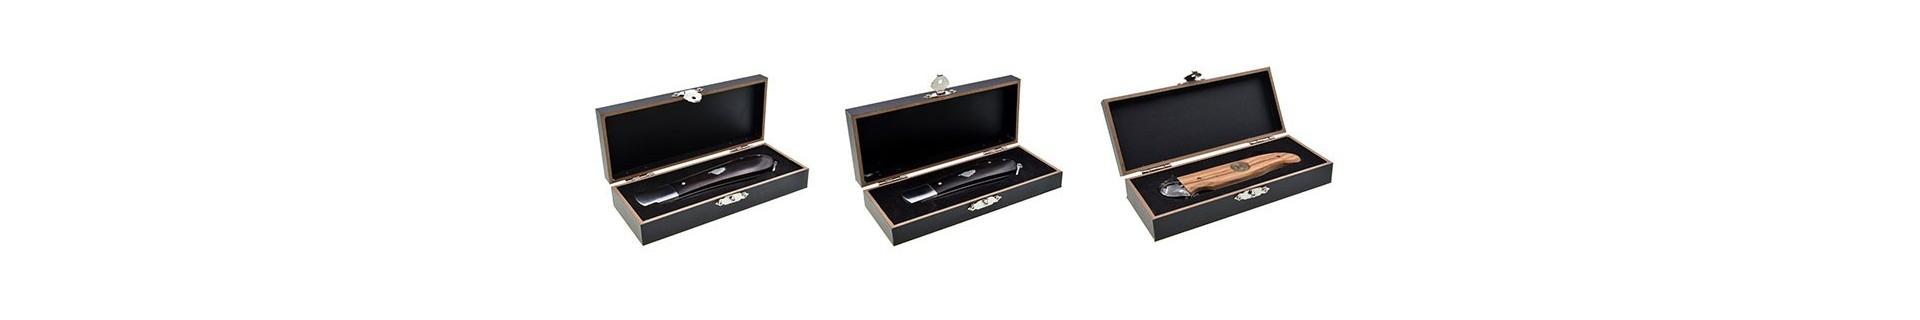 Couteaux Corses by Zuria, achat de couteaux corses de qualité